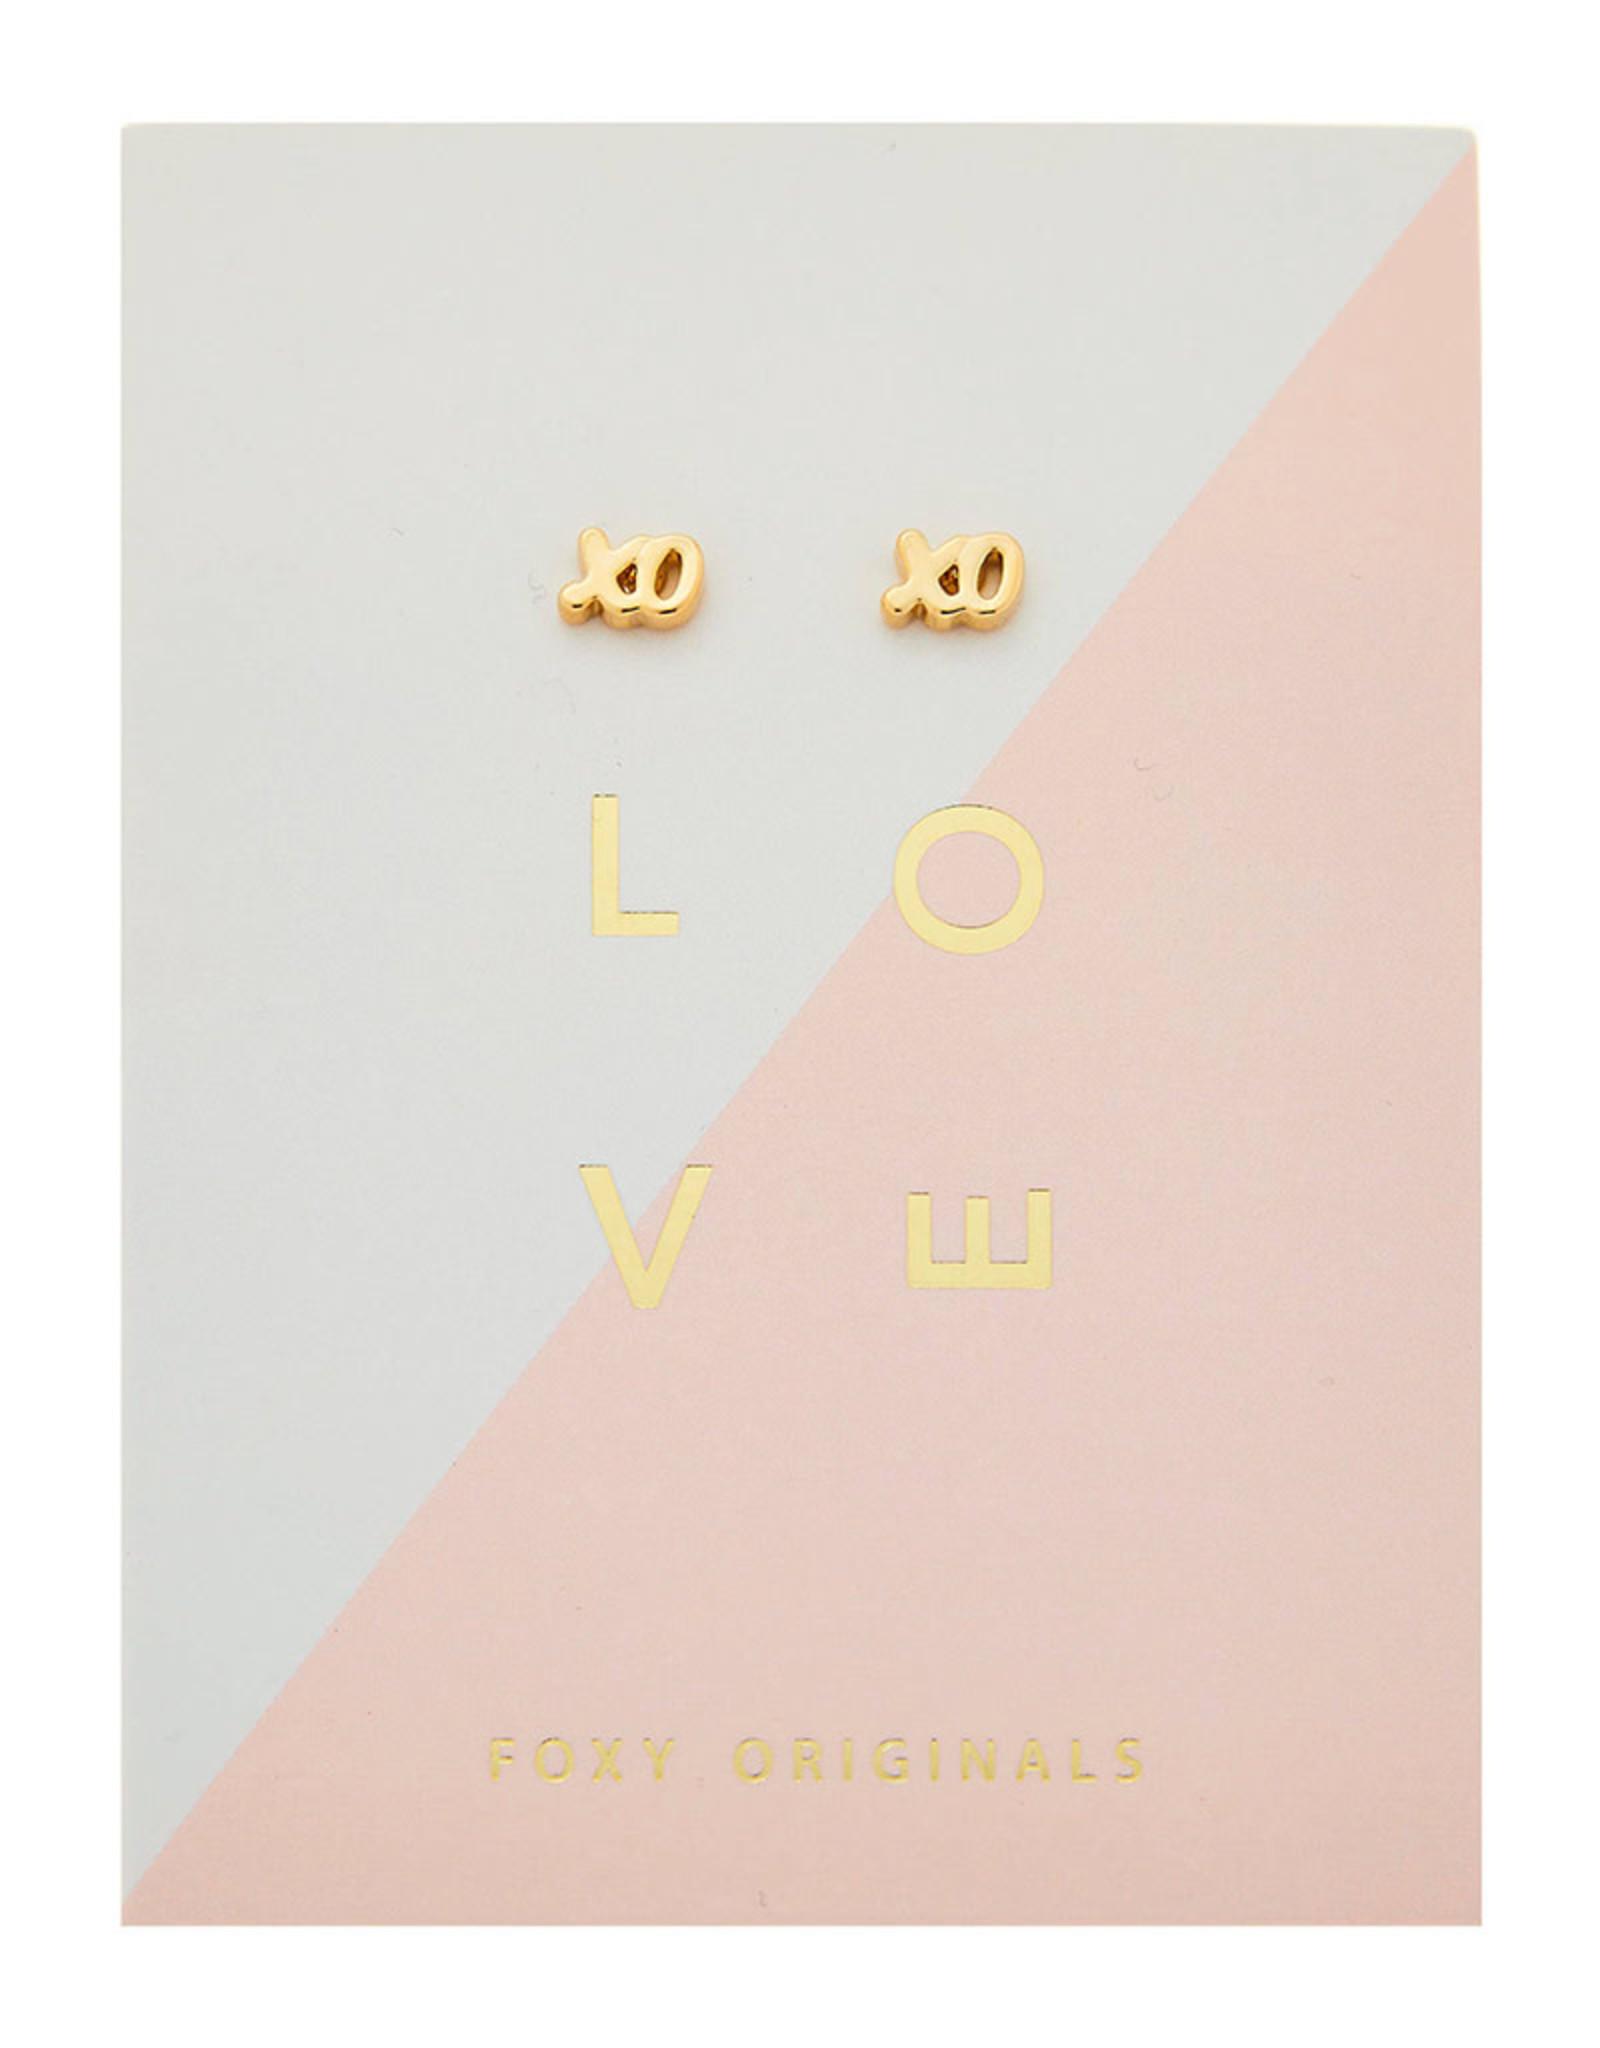 Foxy Originals - XO Earrings - Gold